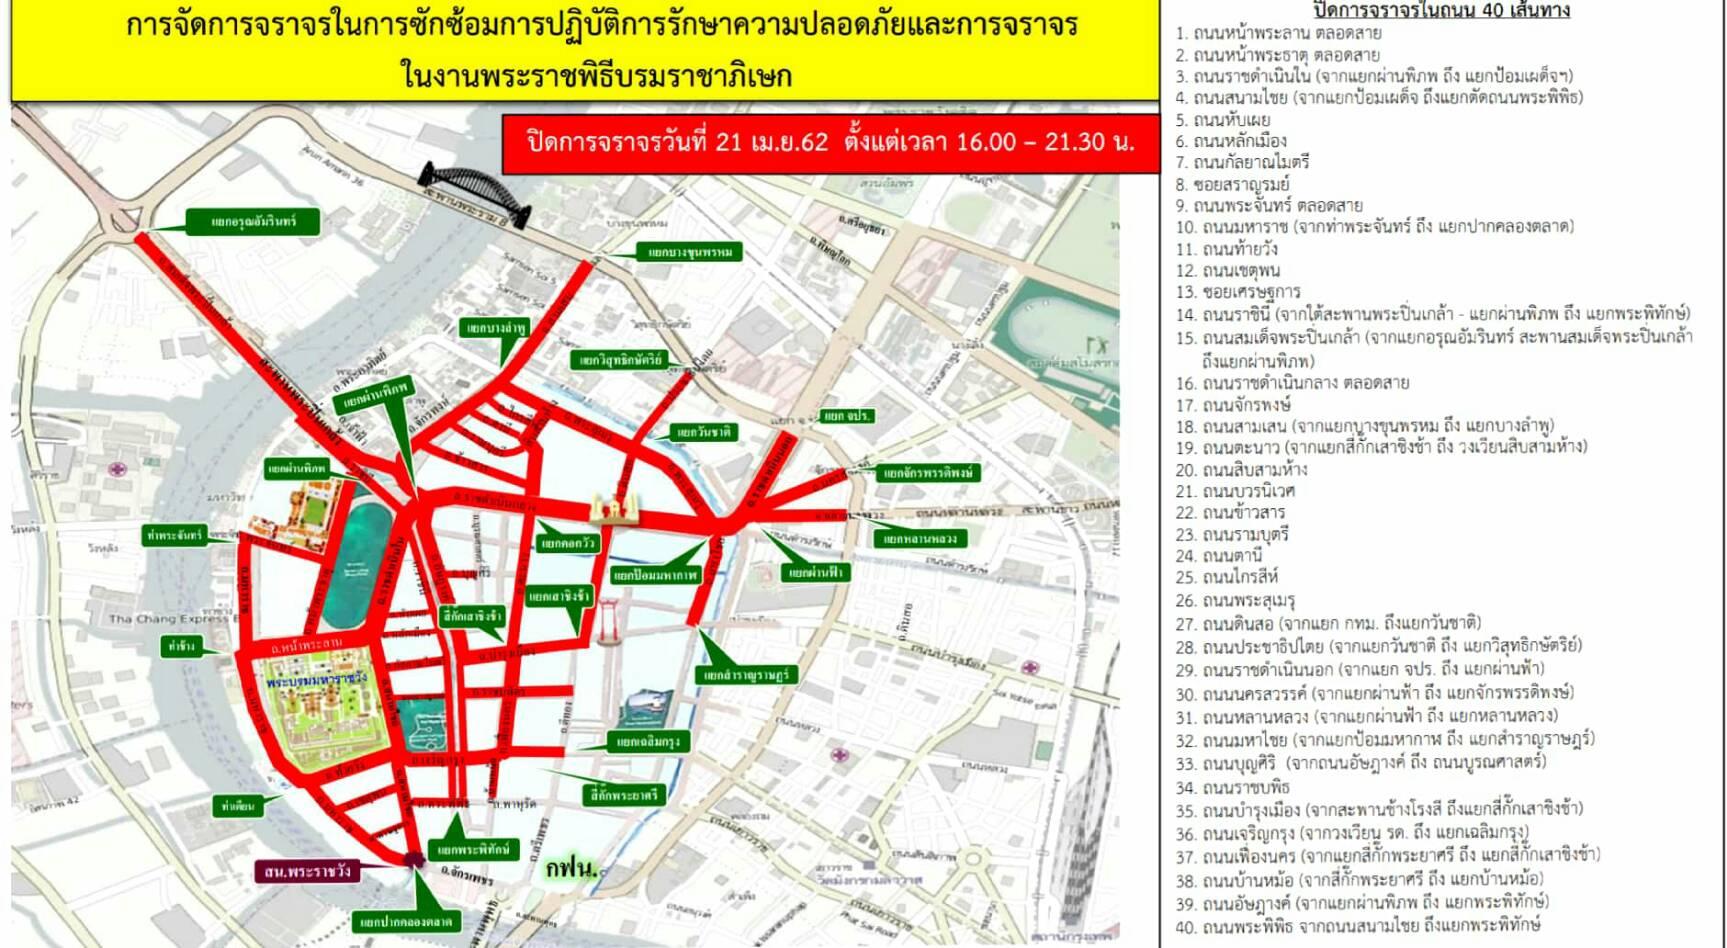 การจัดการจราจรในการซักซ้อมการปฏิบัติการรรักษาความปลอดภัยและการจราจรในงานพระราชพิธีบรมราชาภิเษก ปิดการจาจรวันที่ 21 เม.ย.62 เวลา 16.00 - 21.30 น.